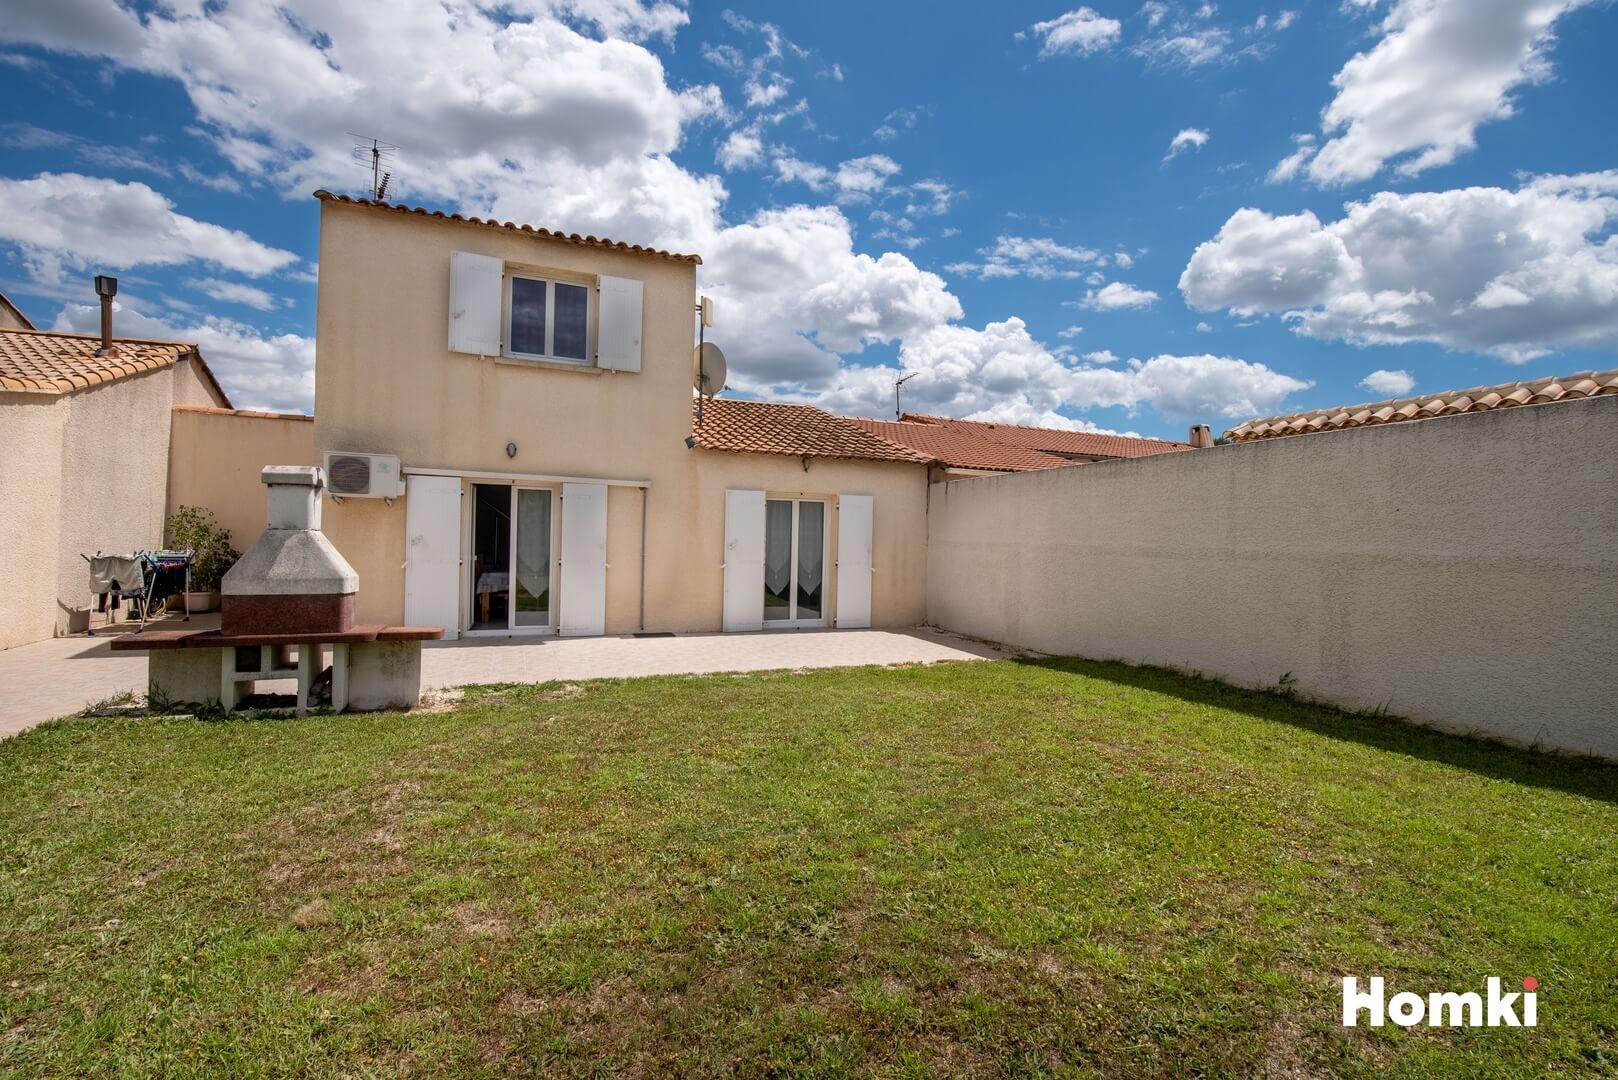 Homki - Vente Maison/villa  de 110.0 m² à Baillargues 34670